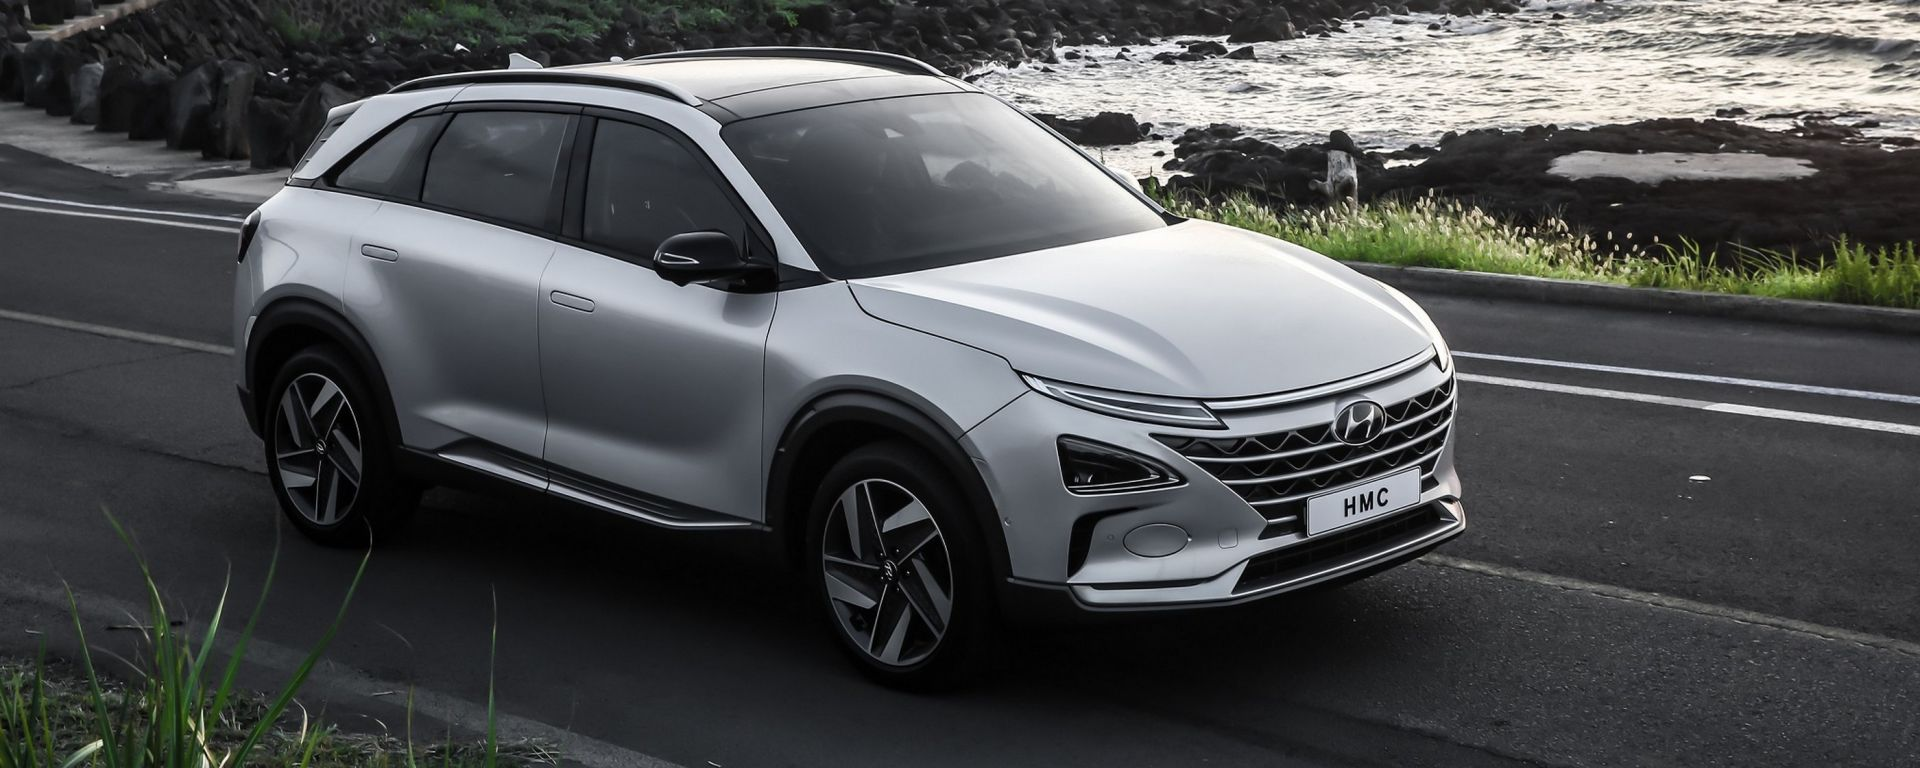 Al CES arriva il SUV Hyundai a idrogeno